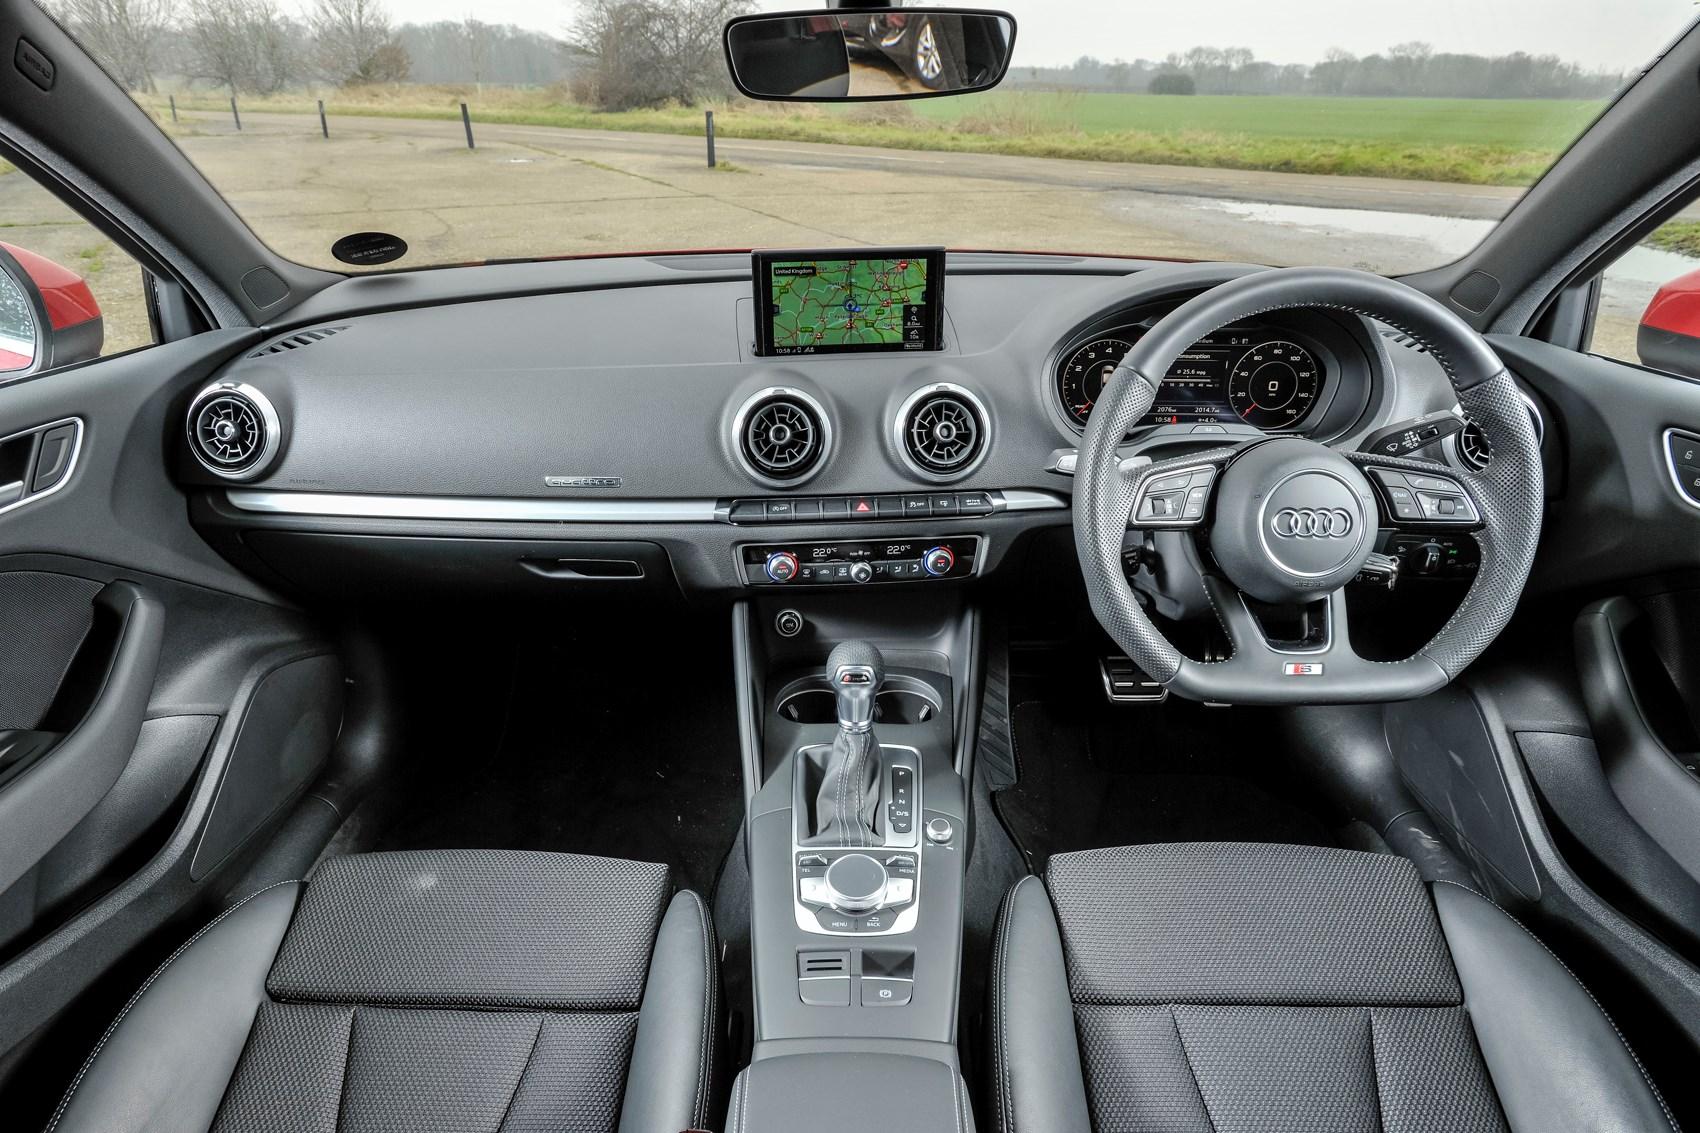 Audi A Saloon Longterm Review Parkers - Audi a3 interior